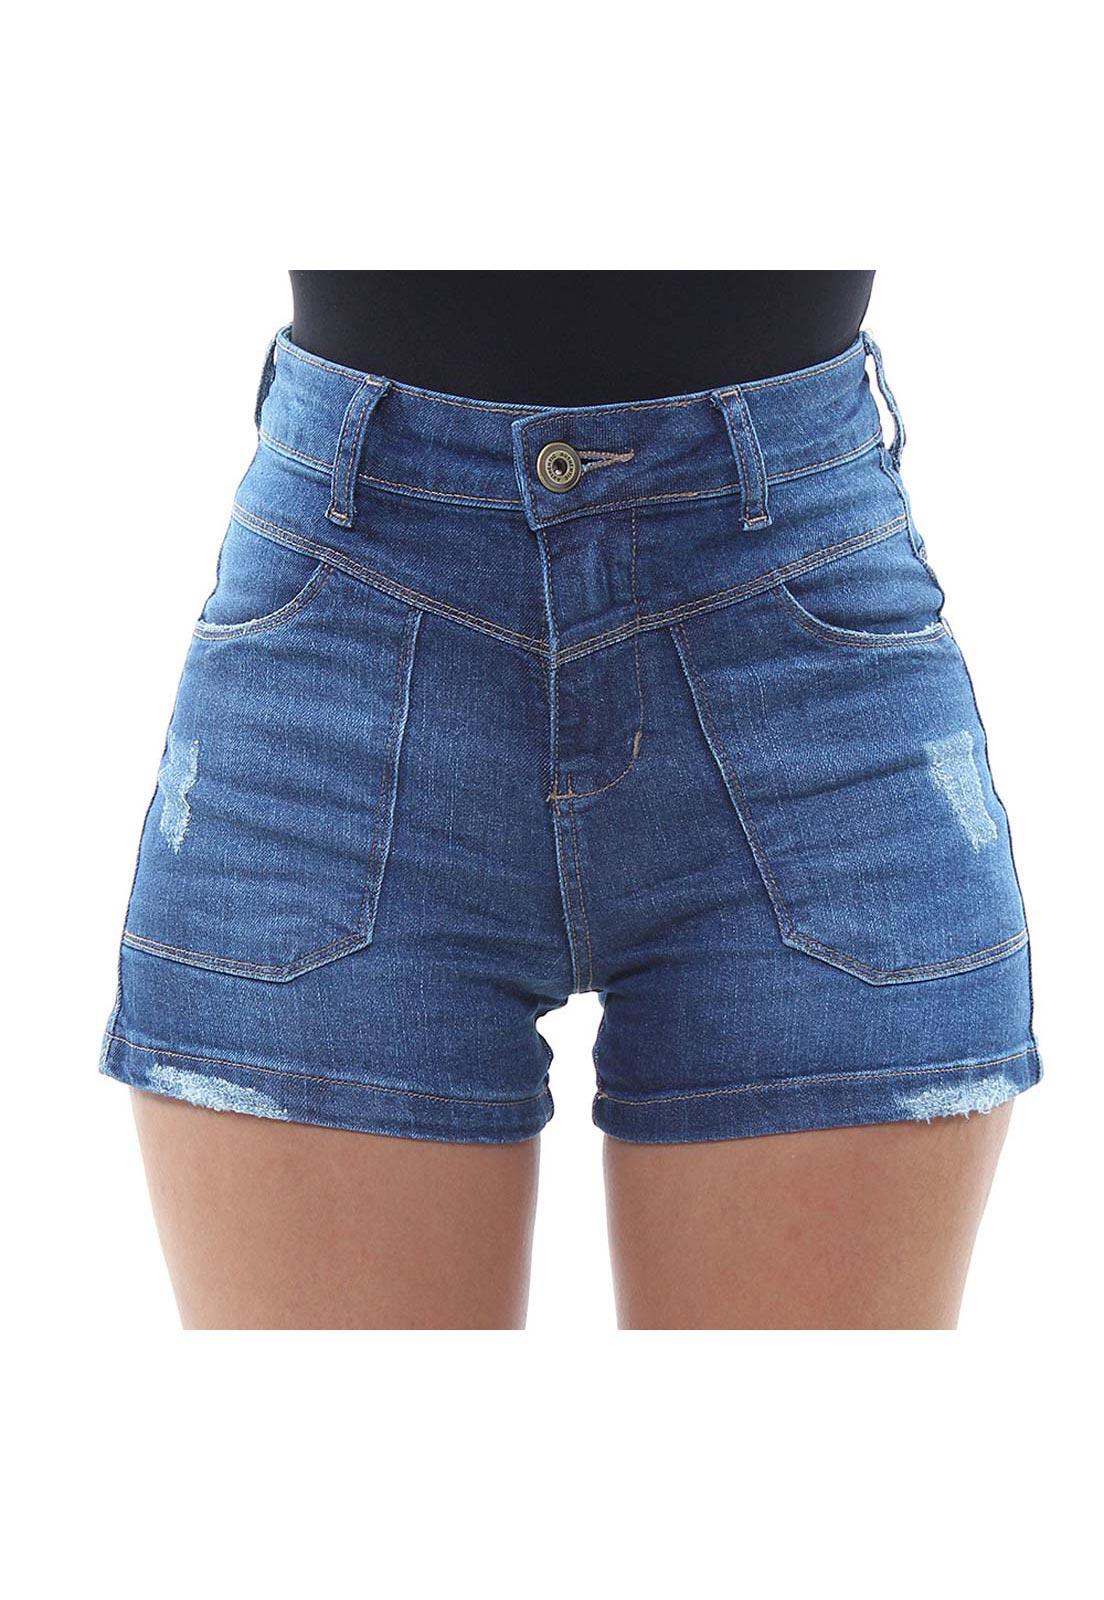 Short Jeans Feminino Curto Destroyed Fit Crocker - 47919